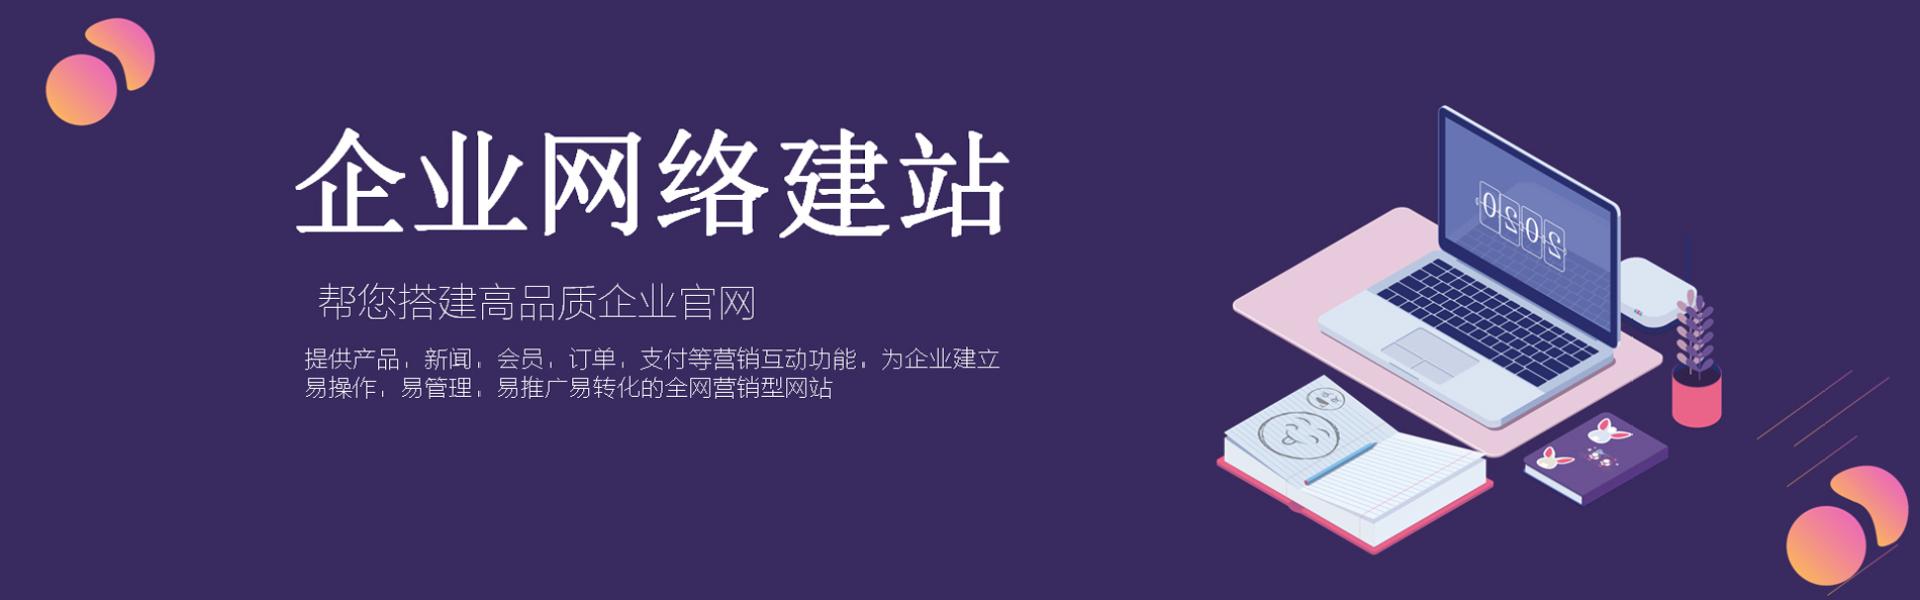 洛阳网络公司企业网站建设